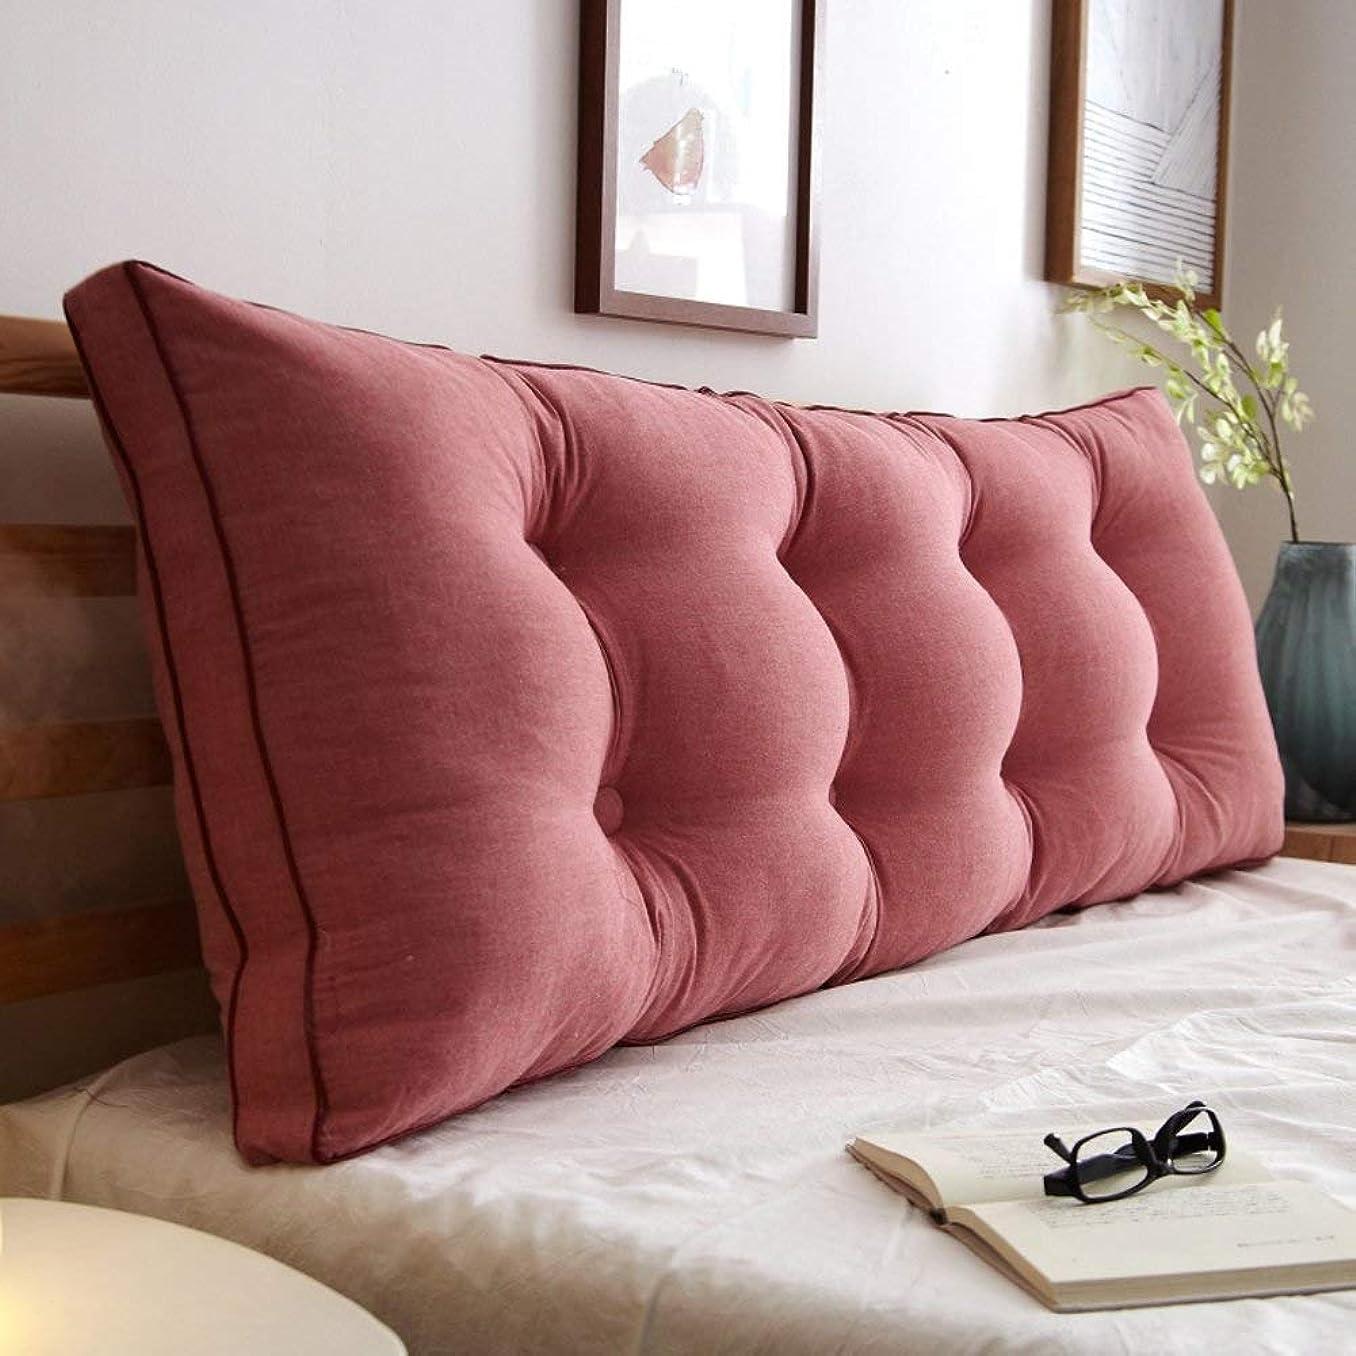 きらめき私達気まぐれな取り外し可能なベッドサイドバッククッション、ソファベッドの布張りをしたヘッドボード、ソフト畳ダブル大腰椎サポートクッション (Color : O, Size : 200x20x50cm(79x8x20inch))